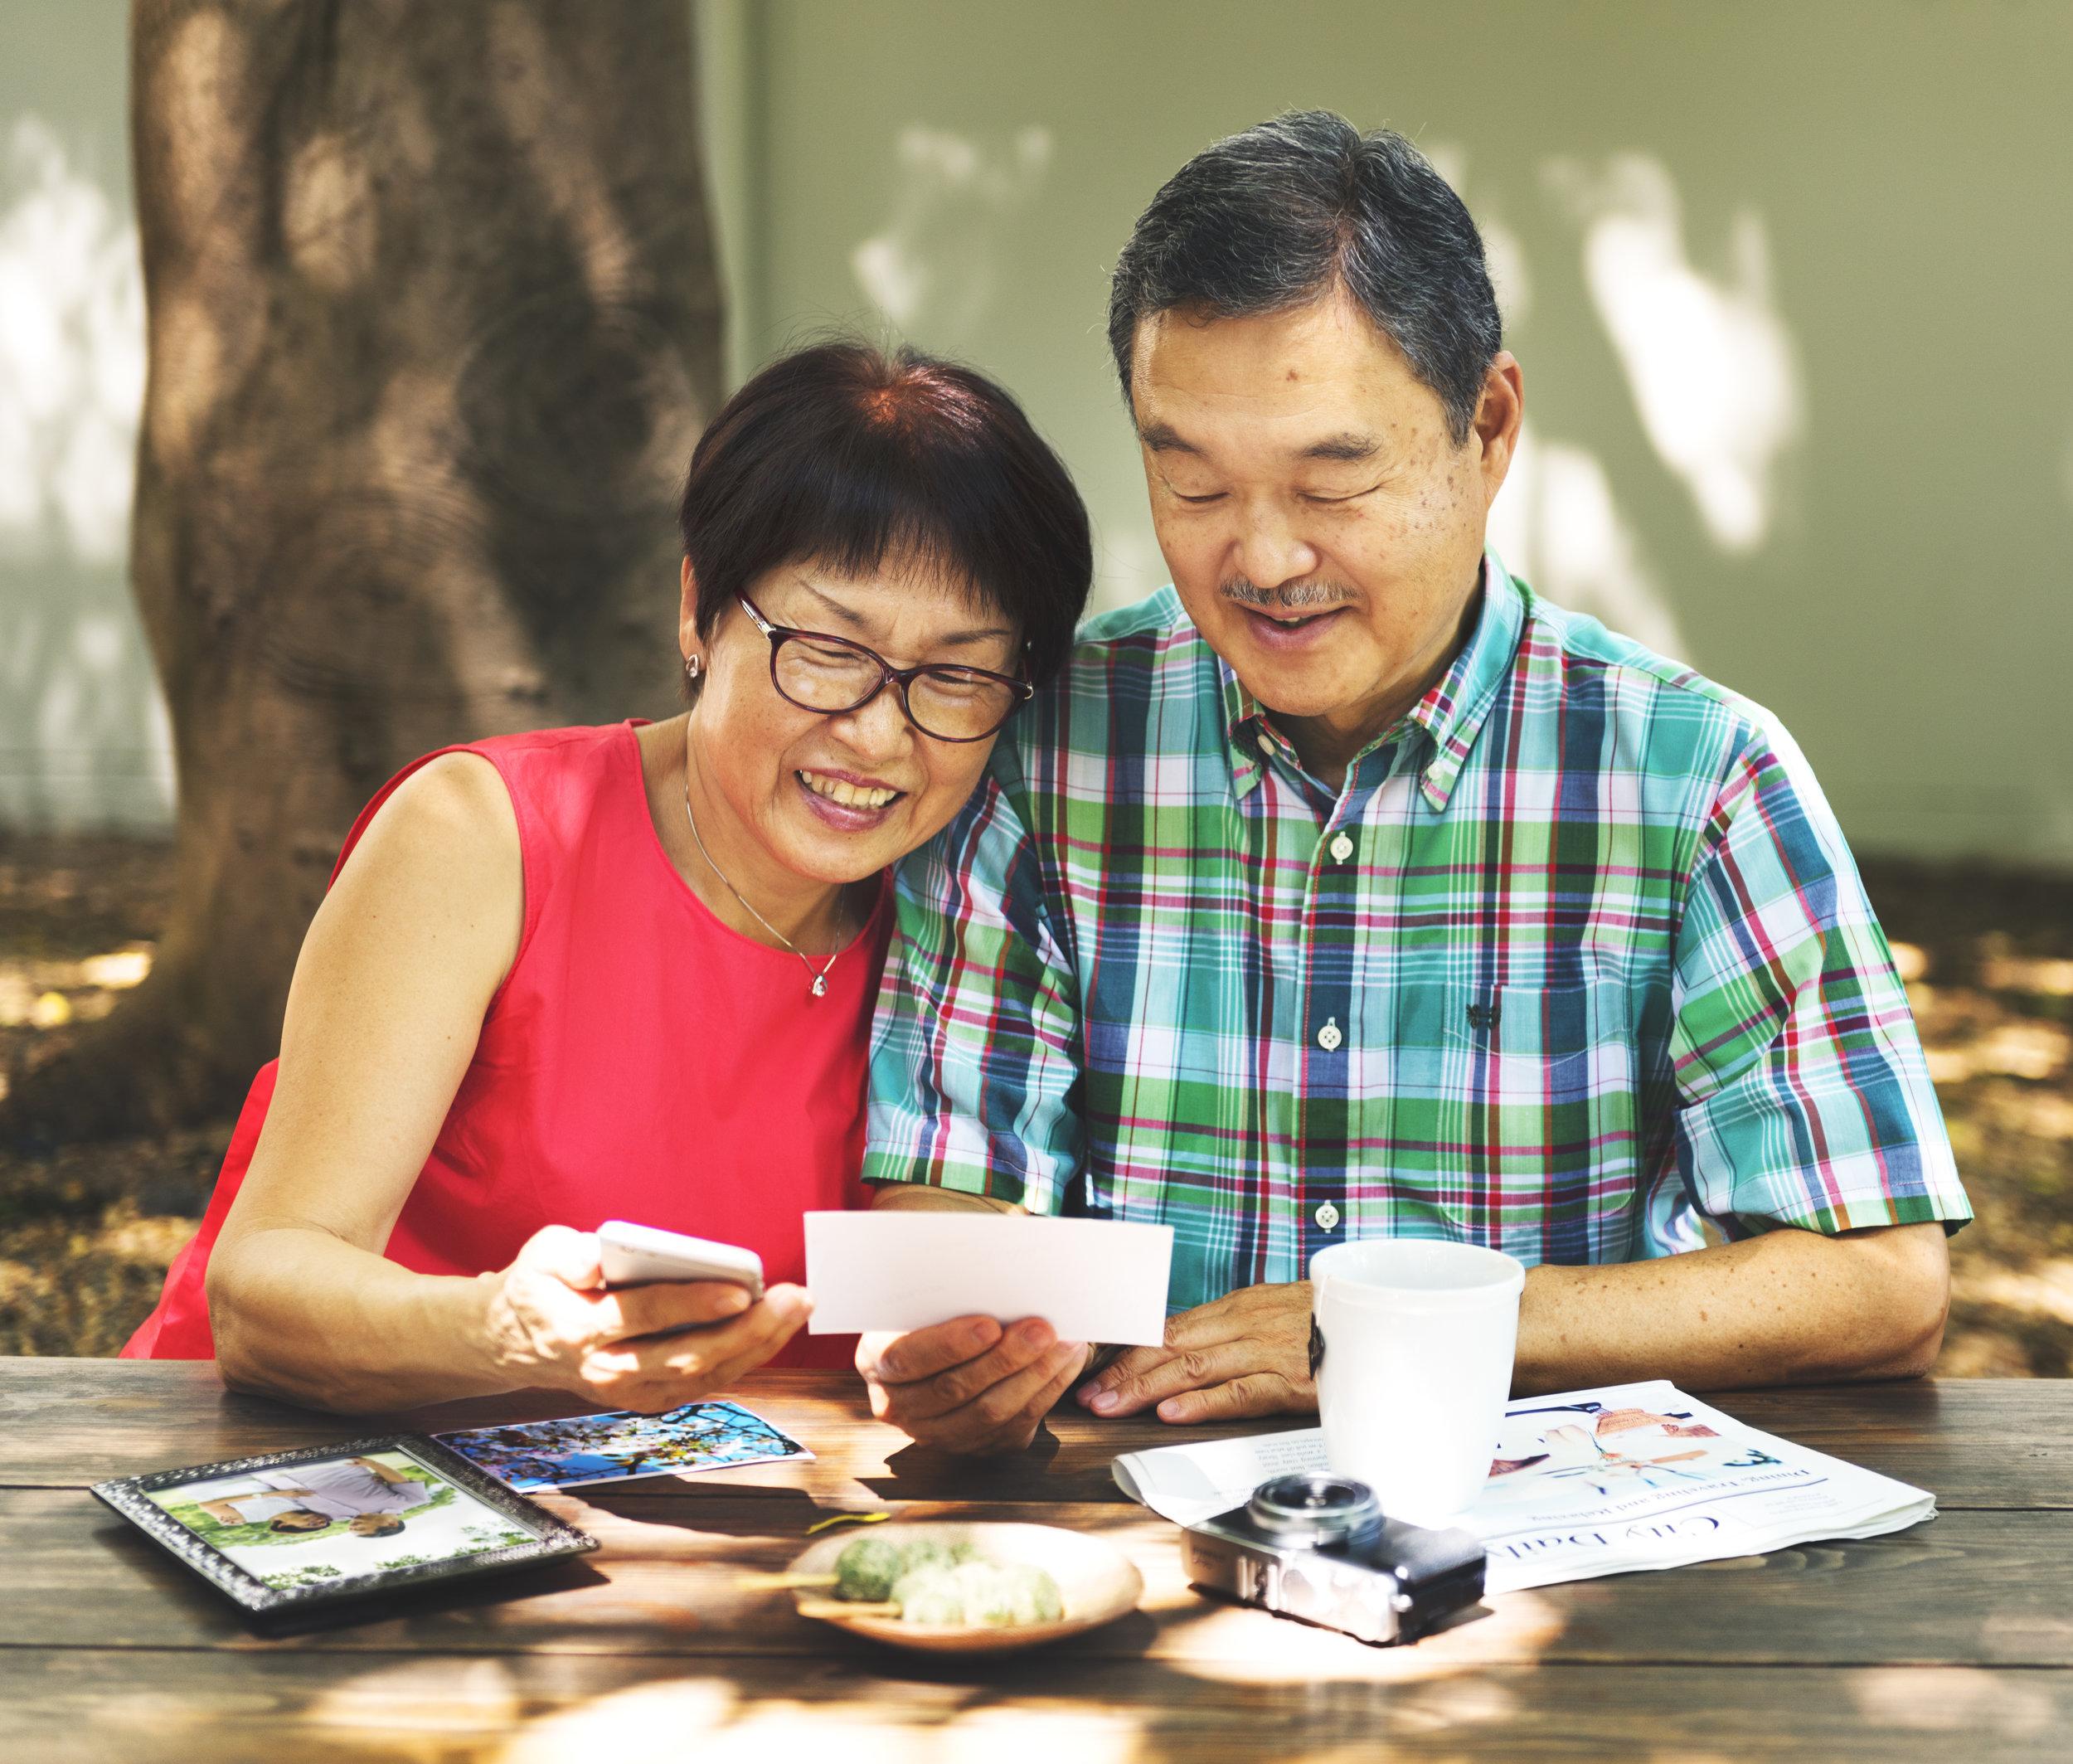 asian-senior-couple-reminiscing-photos-concept-PPFGC66.jpg